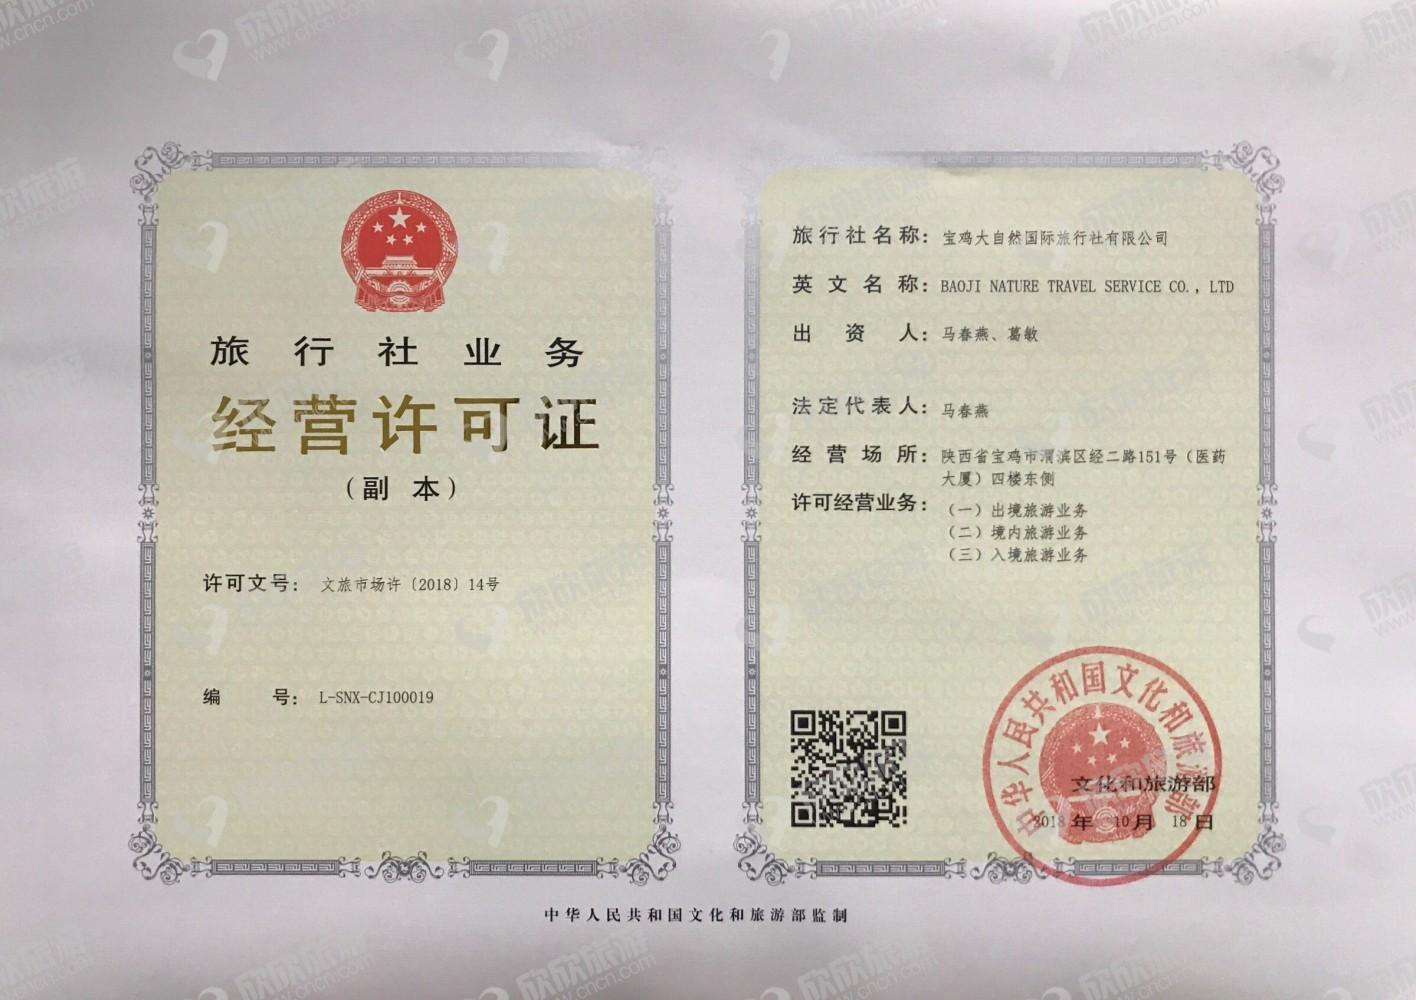 宝鸡大自然国际旅行社有限公司经营许可证